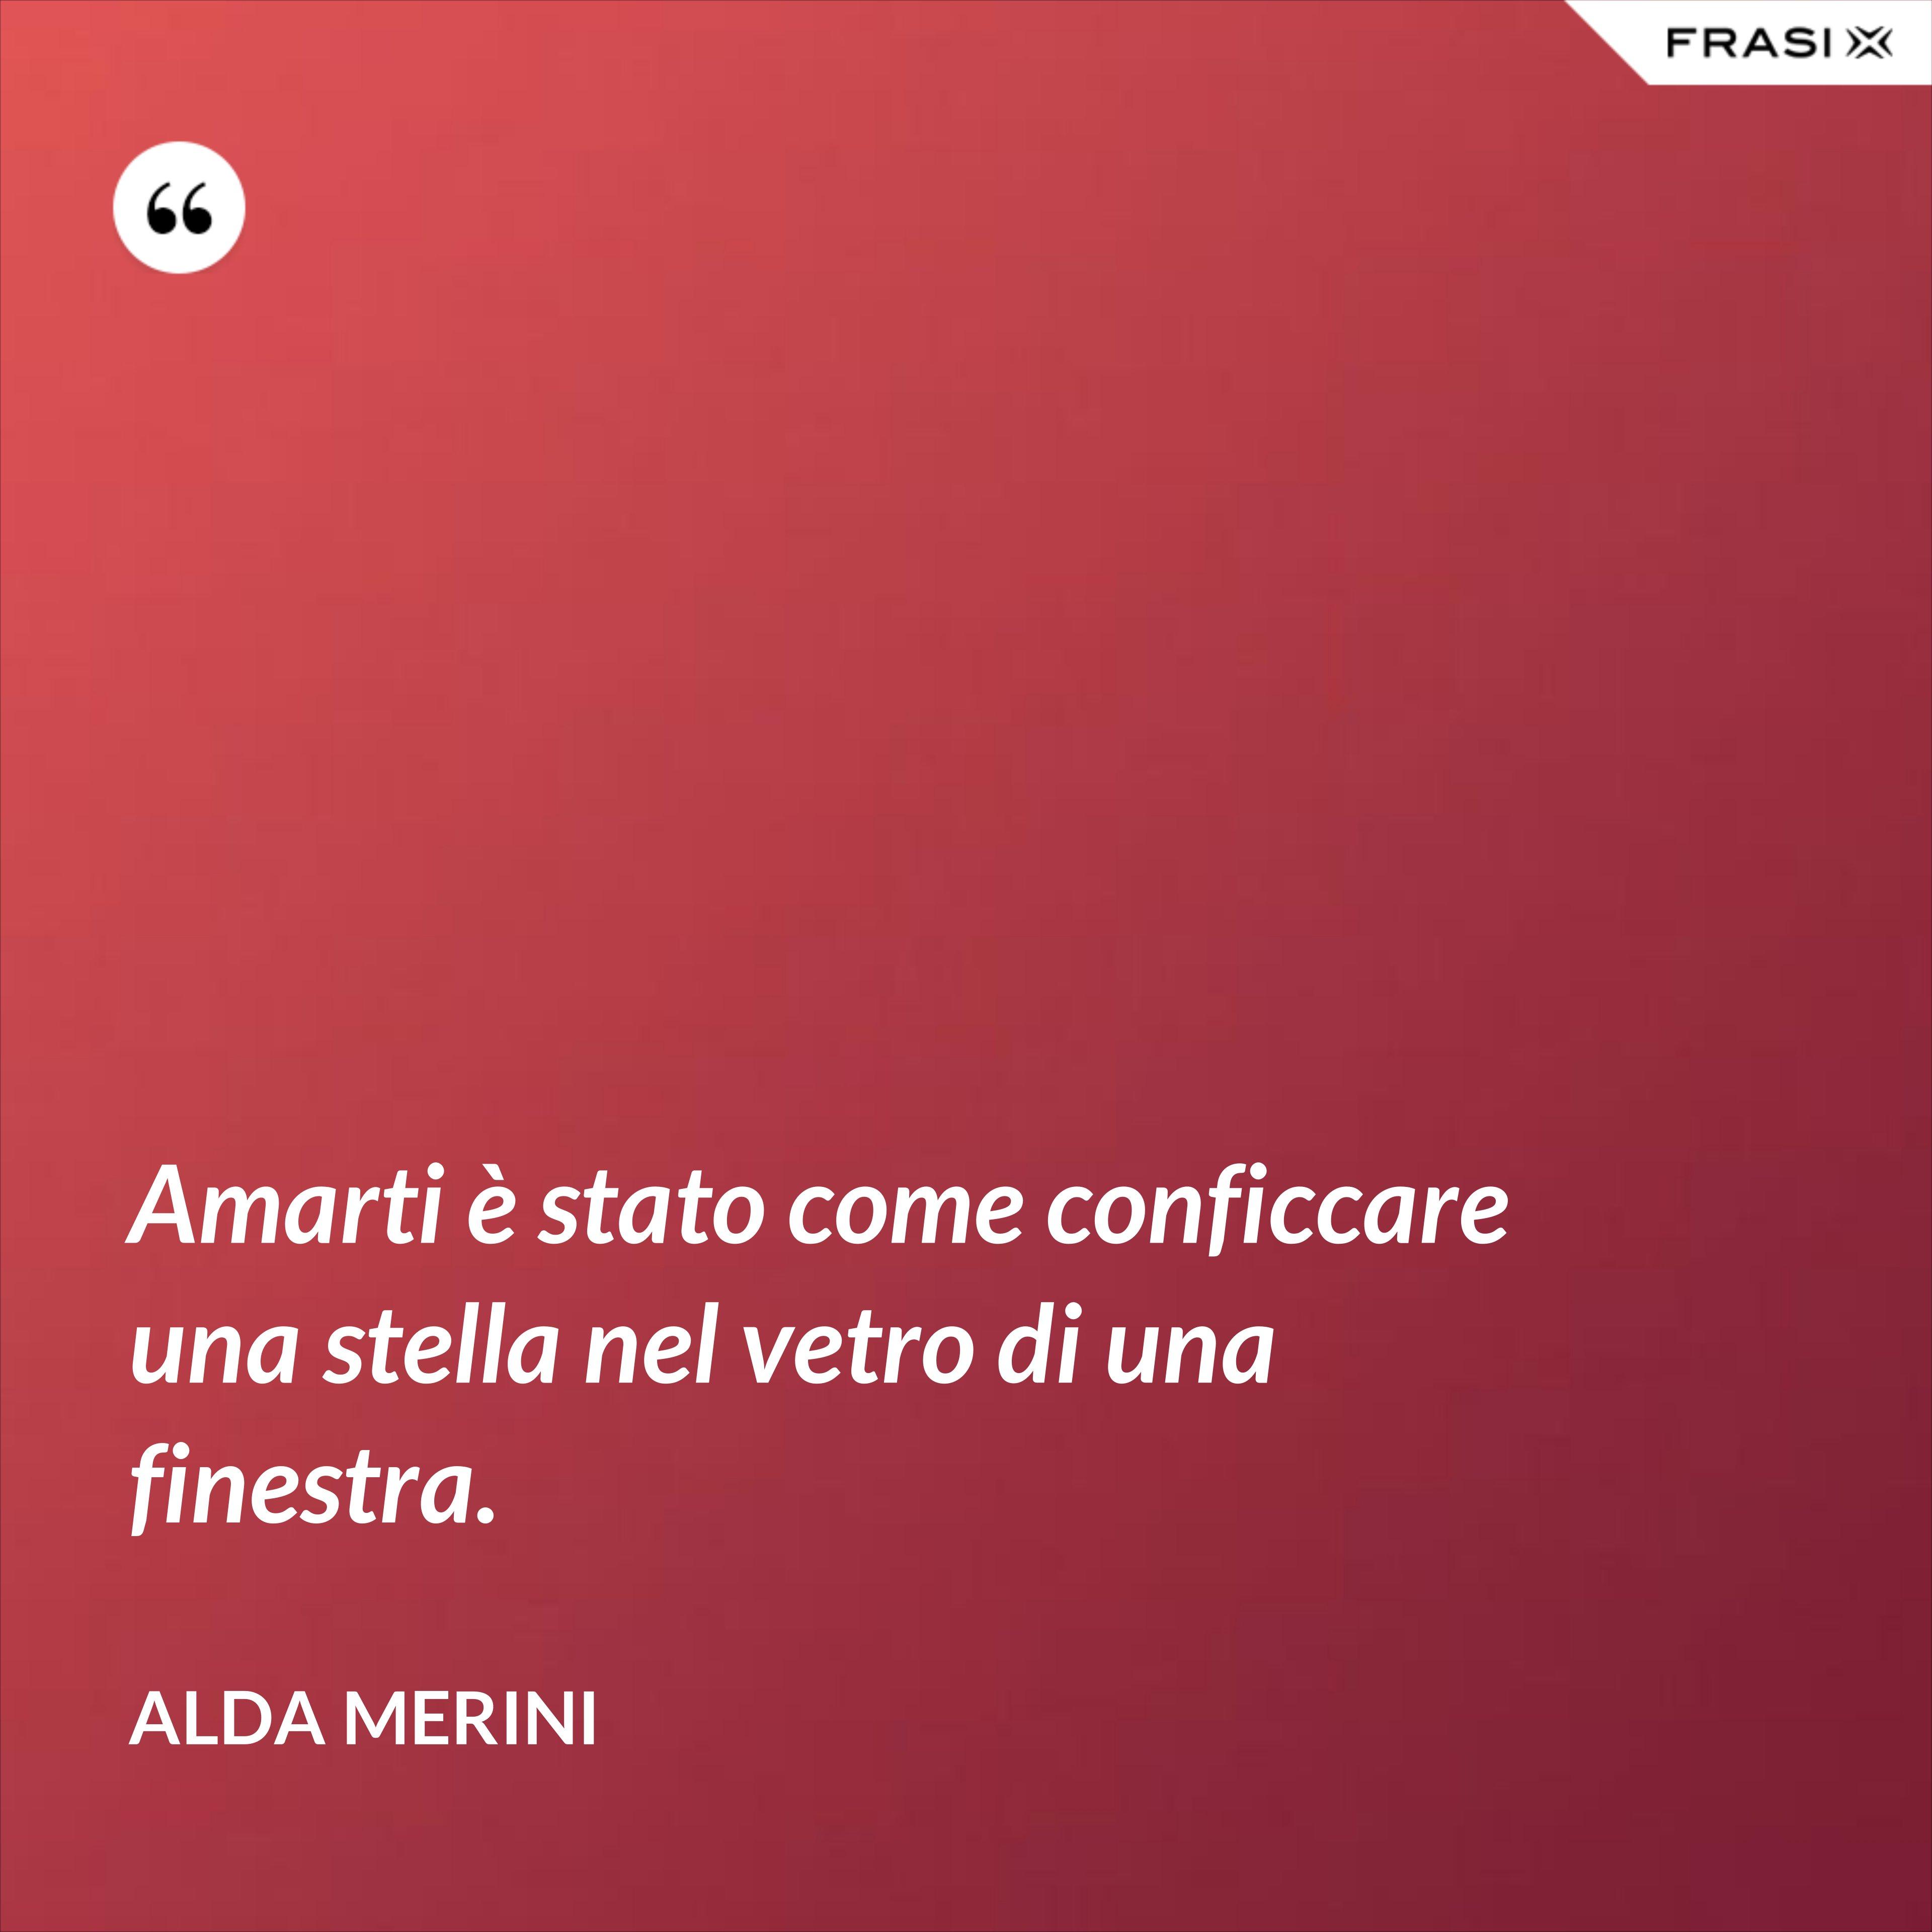 Amarti è stato come conficcare una stella nel vetro di una finestra. - Alda Merini